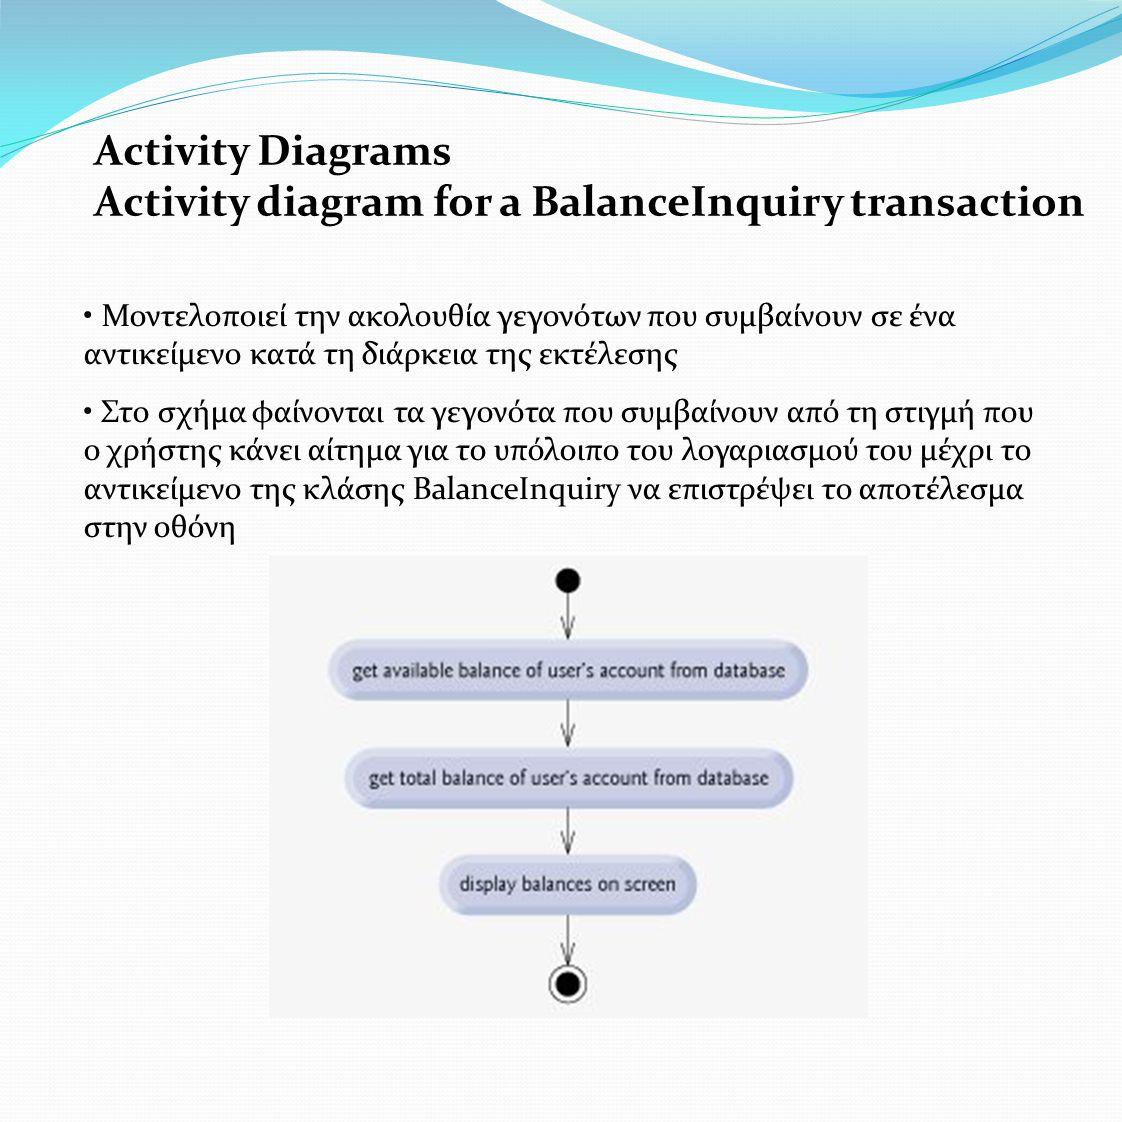 Activity Diagrams Activity diagram for a BalanceInquiry transaction • Μοντελοποιεί την ακολουθία γεγονότων που συμβαίνουν σε ένα αντικείμενο κατά τη διάρκεια της εκτέλεσης • Στο σχήμα φαίνονται τα γεγονότα που συμβαίνουν από τη στιγμή που ο χρήστης κάνει αίτημα για το υπόλοιπο του λογαριασμού του μέχρι το αντικείμενο της κλάσης BalanceInquiry να επιστρέψει το αποτέλεσμα στην οθόνη